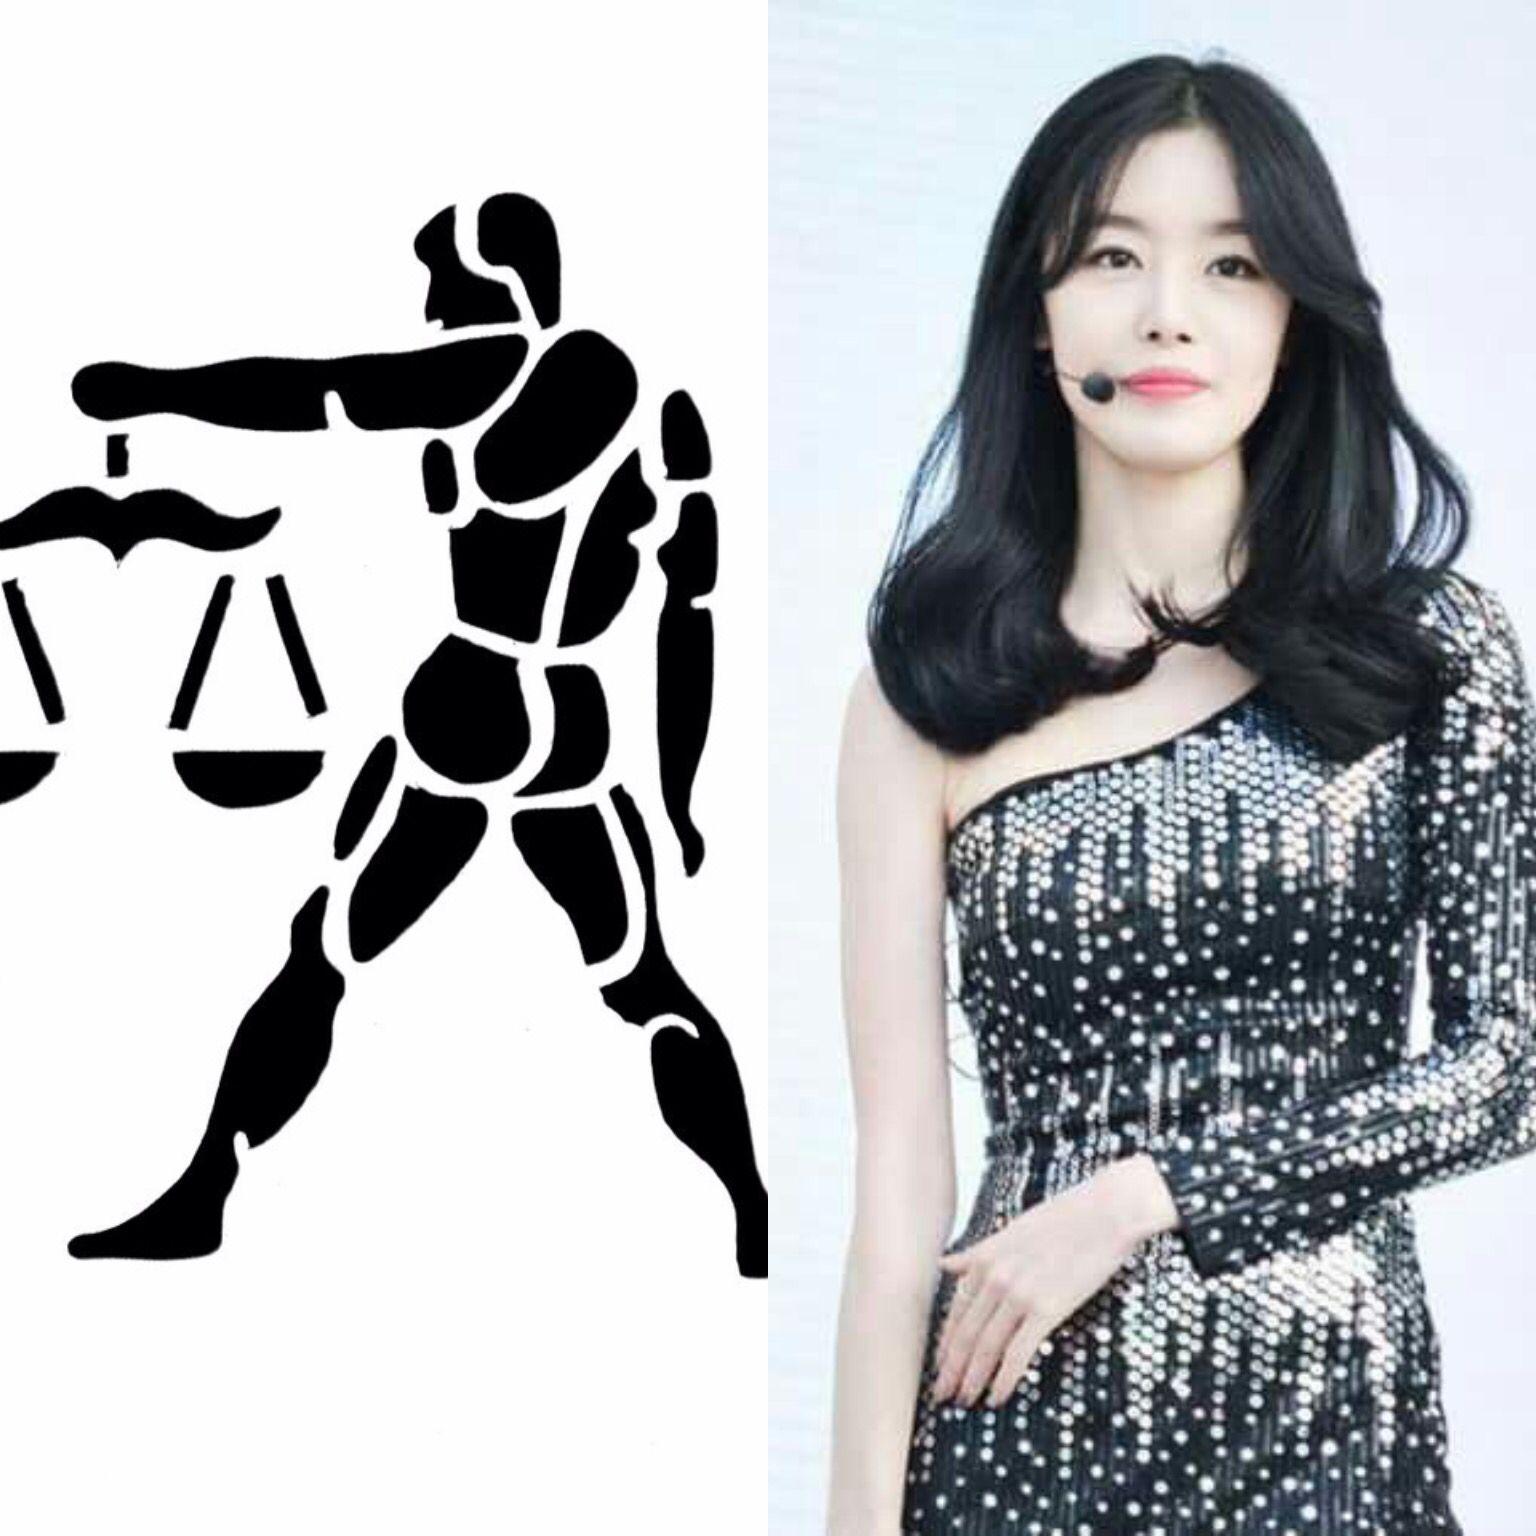 Kpop zodiac // Libra // Sunhwa of secret